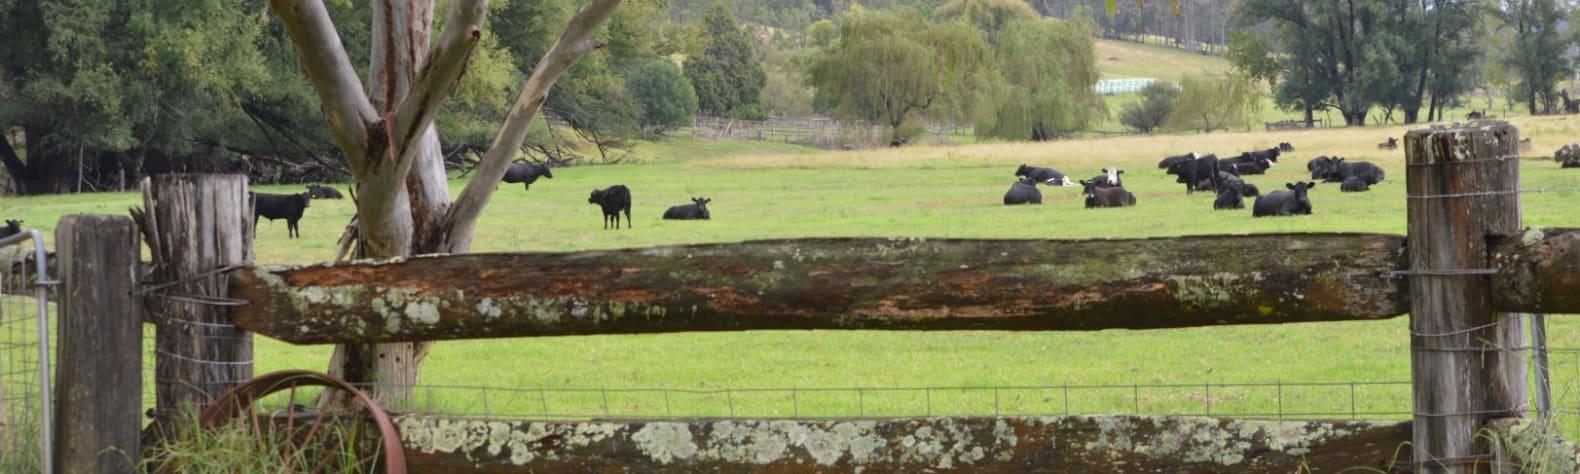 Mungerarie Farm